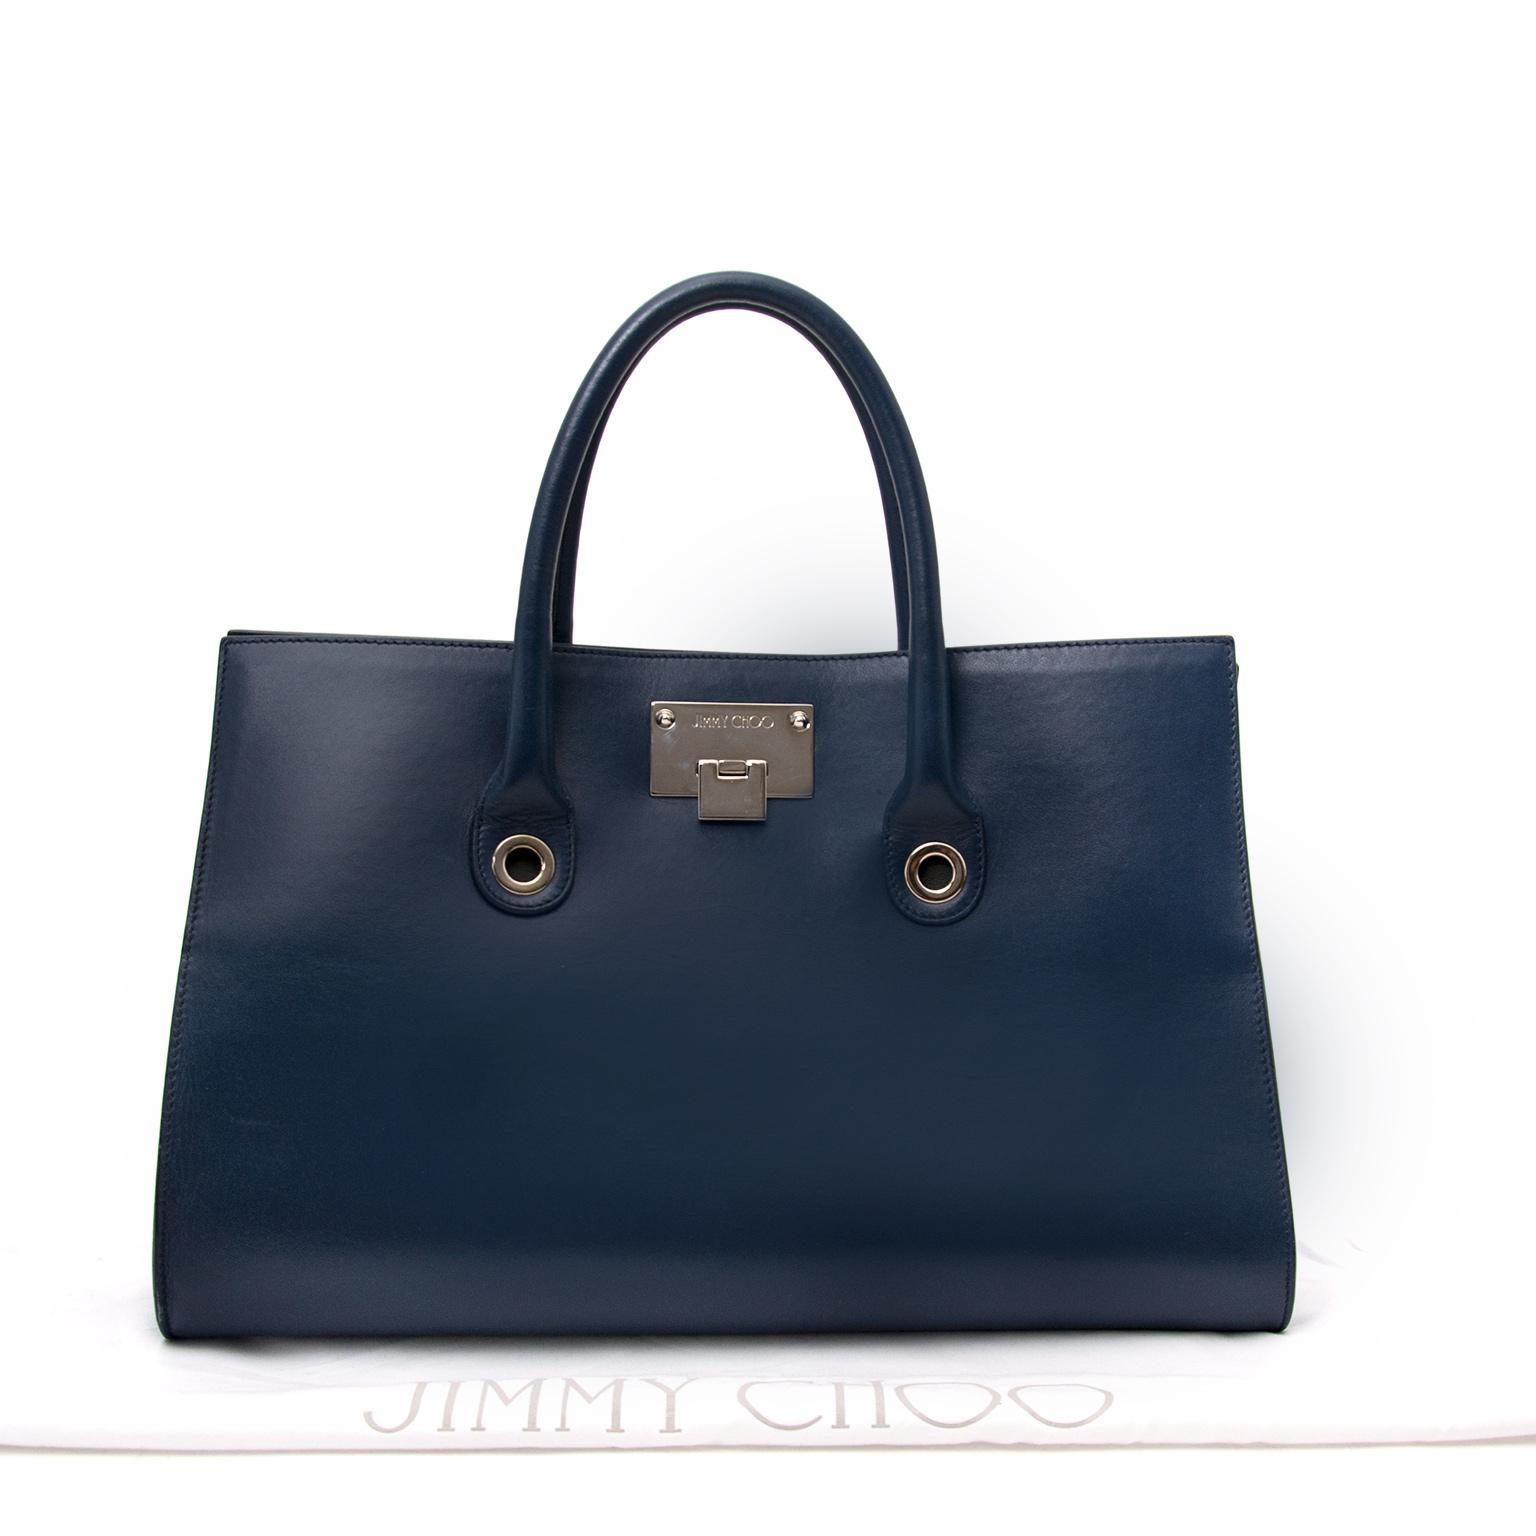 Jimmy Choo Navy Blue Handtasche heute online auf labellov.com gegen den besten Preis.